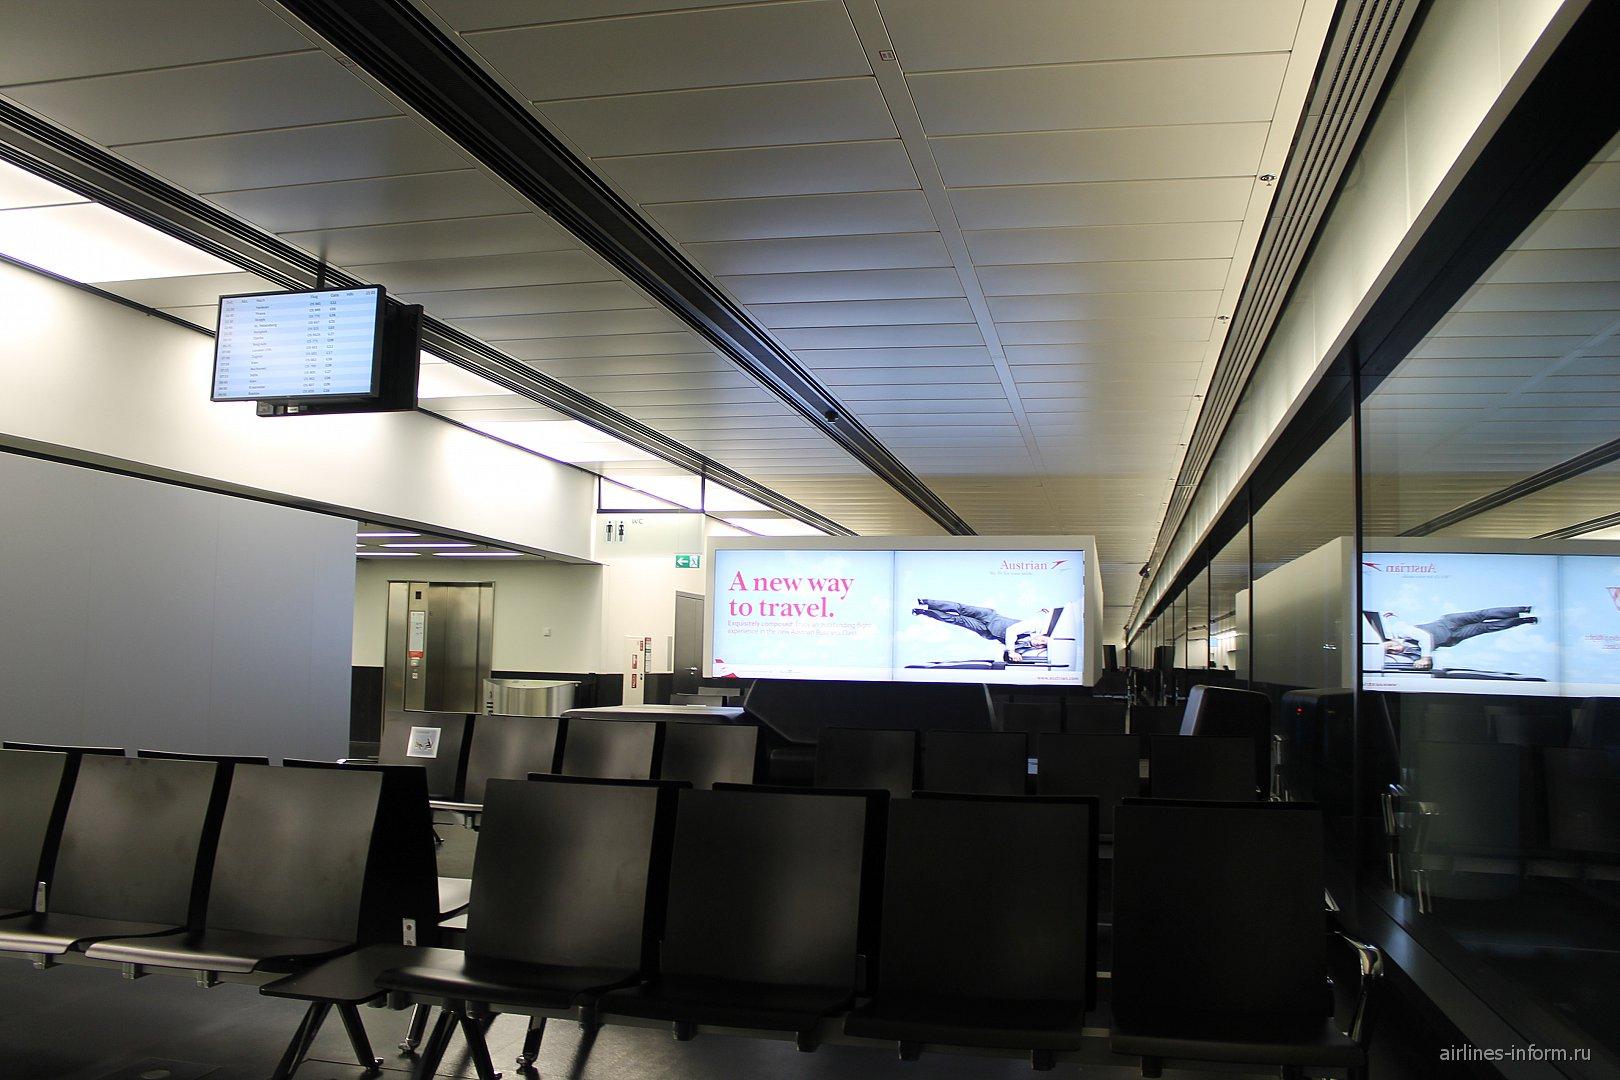 Зал ожидания перед выходом на посадку в аэропорту Вены